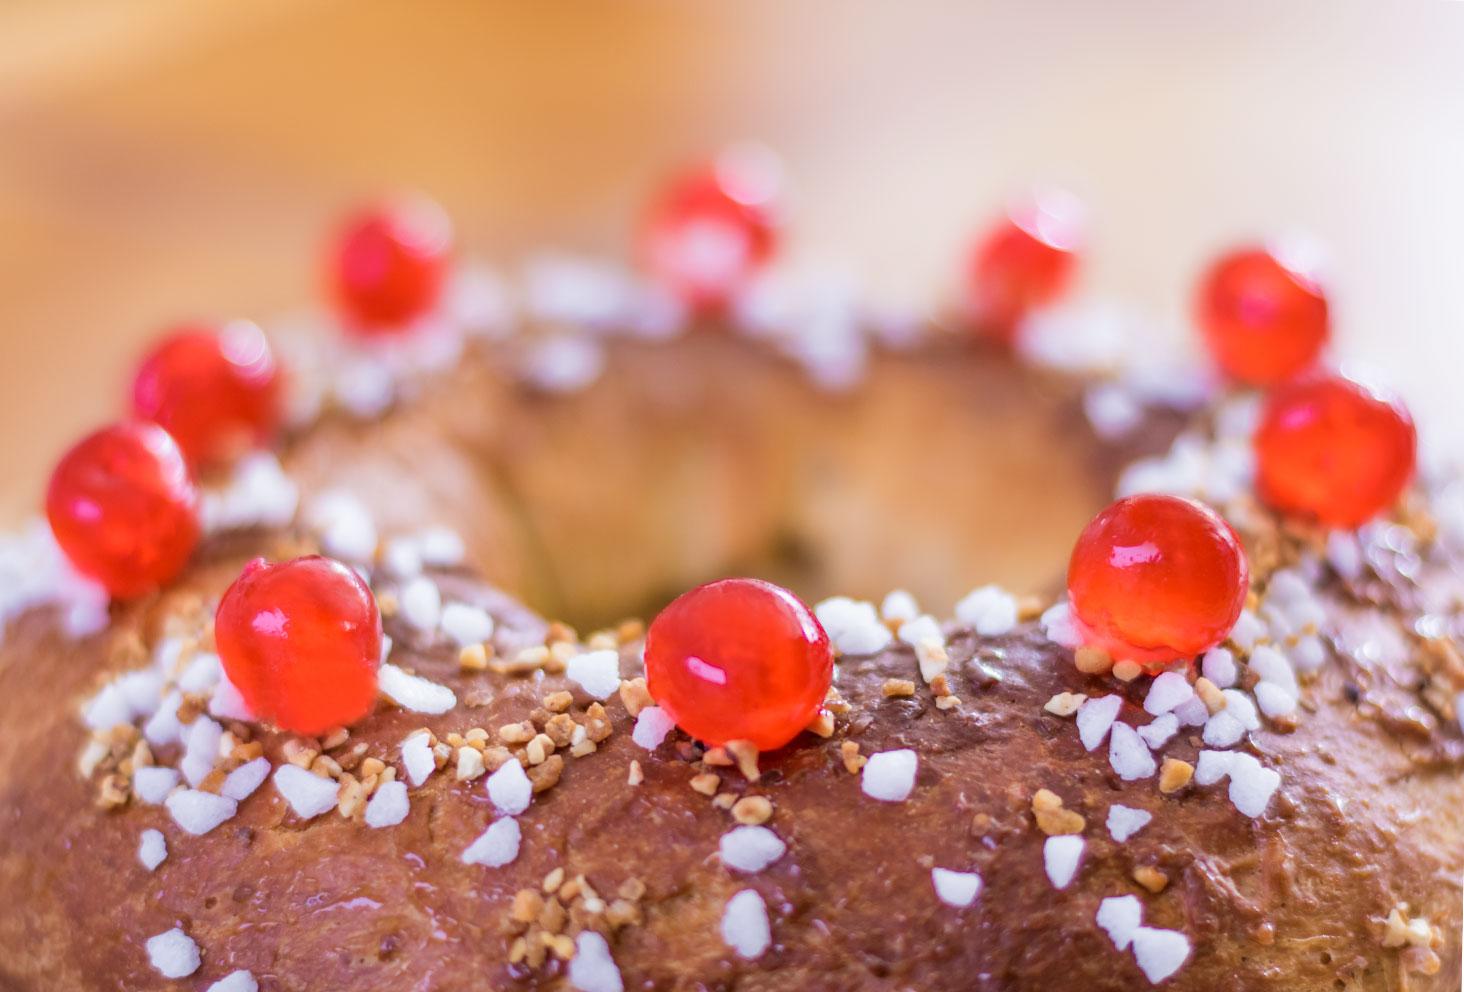 Zoom sur les cerises confites déposées sur le dessus de la couronne des rois au beurre de cacahuètes